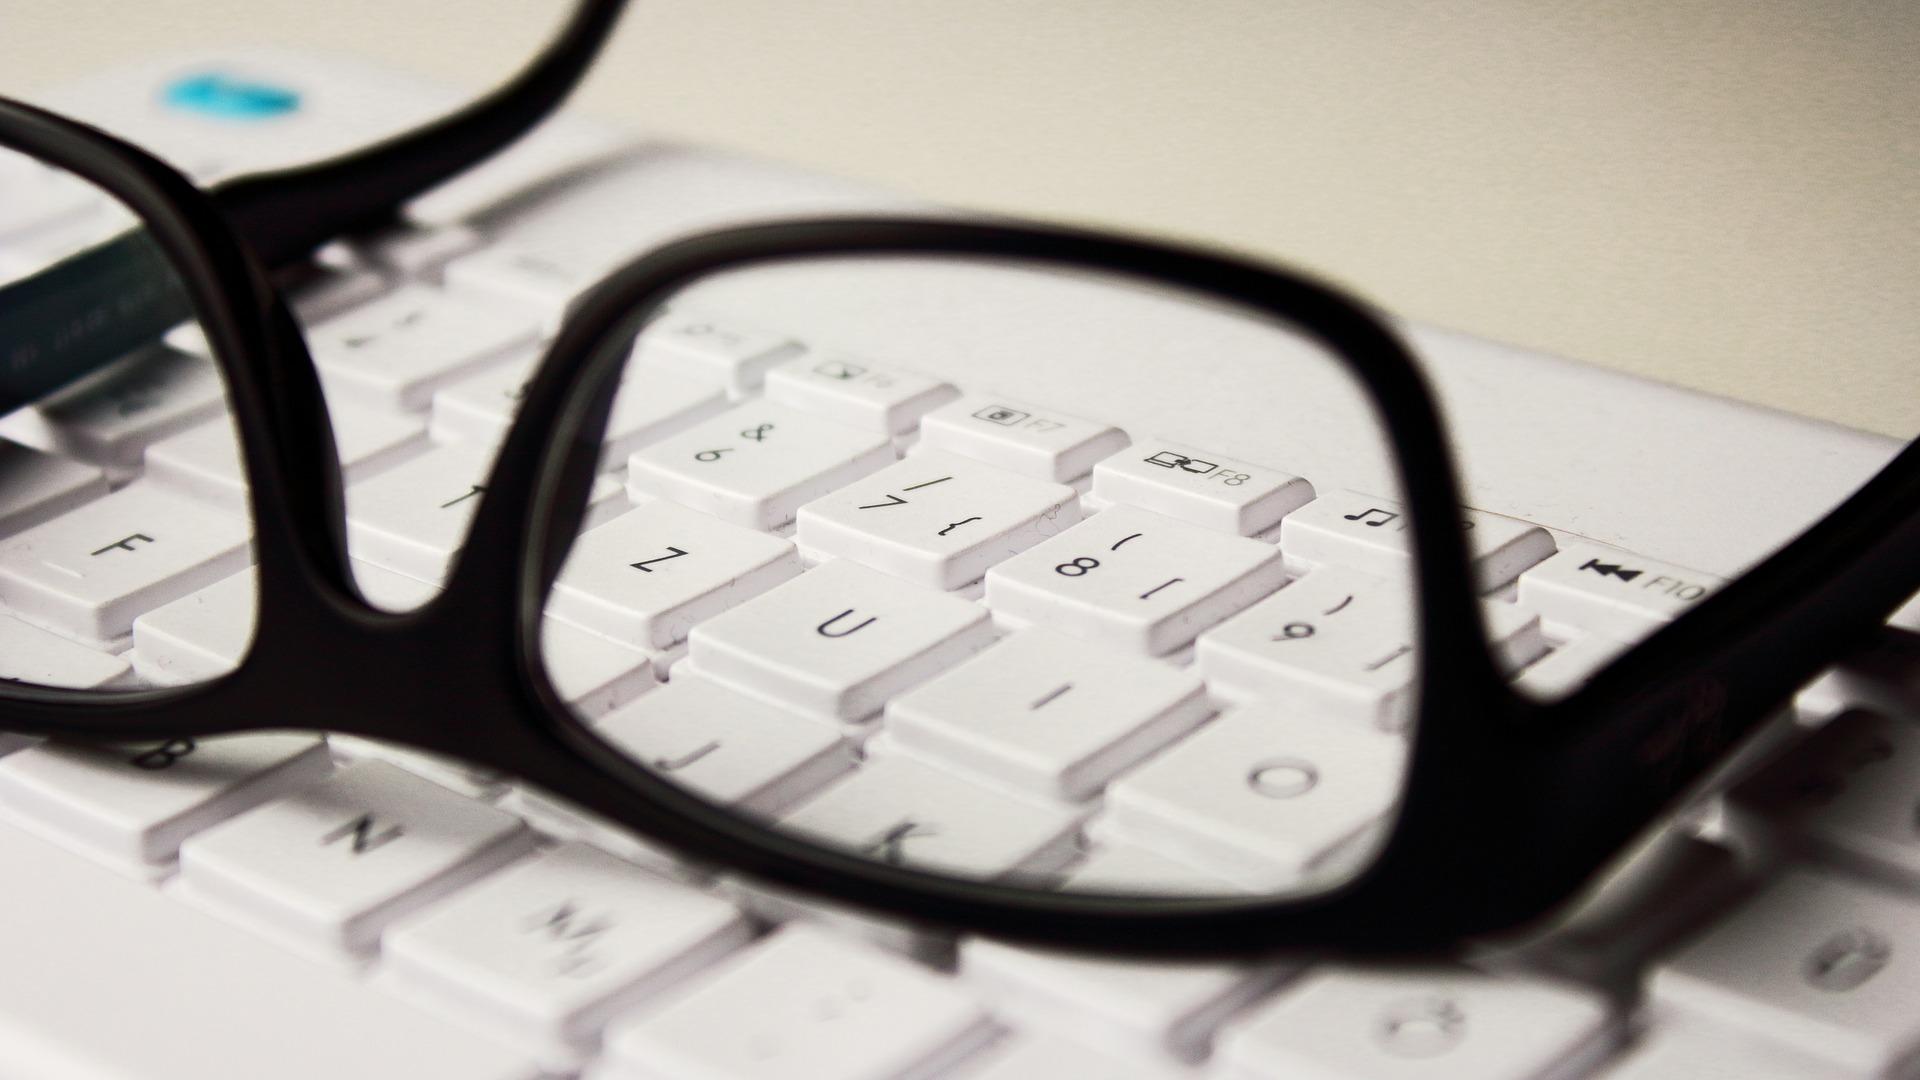 Brille und Tastatur